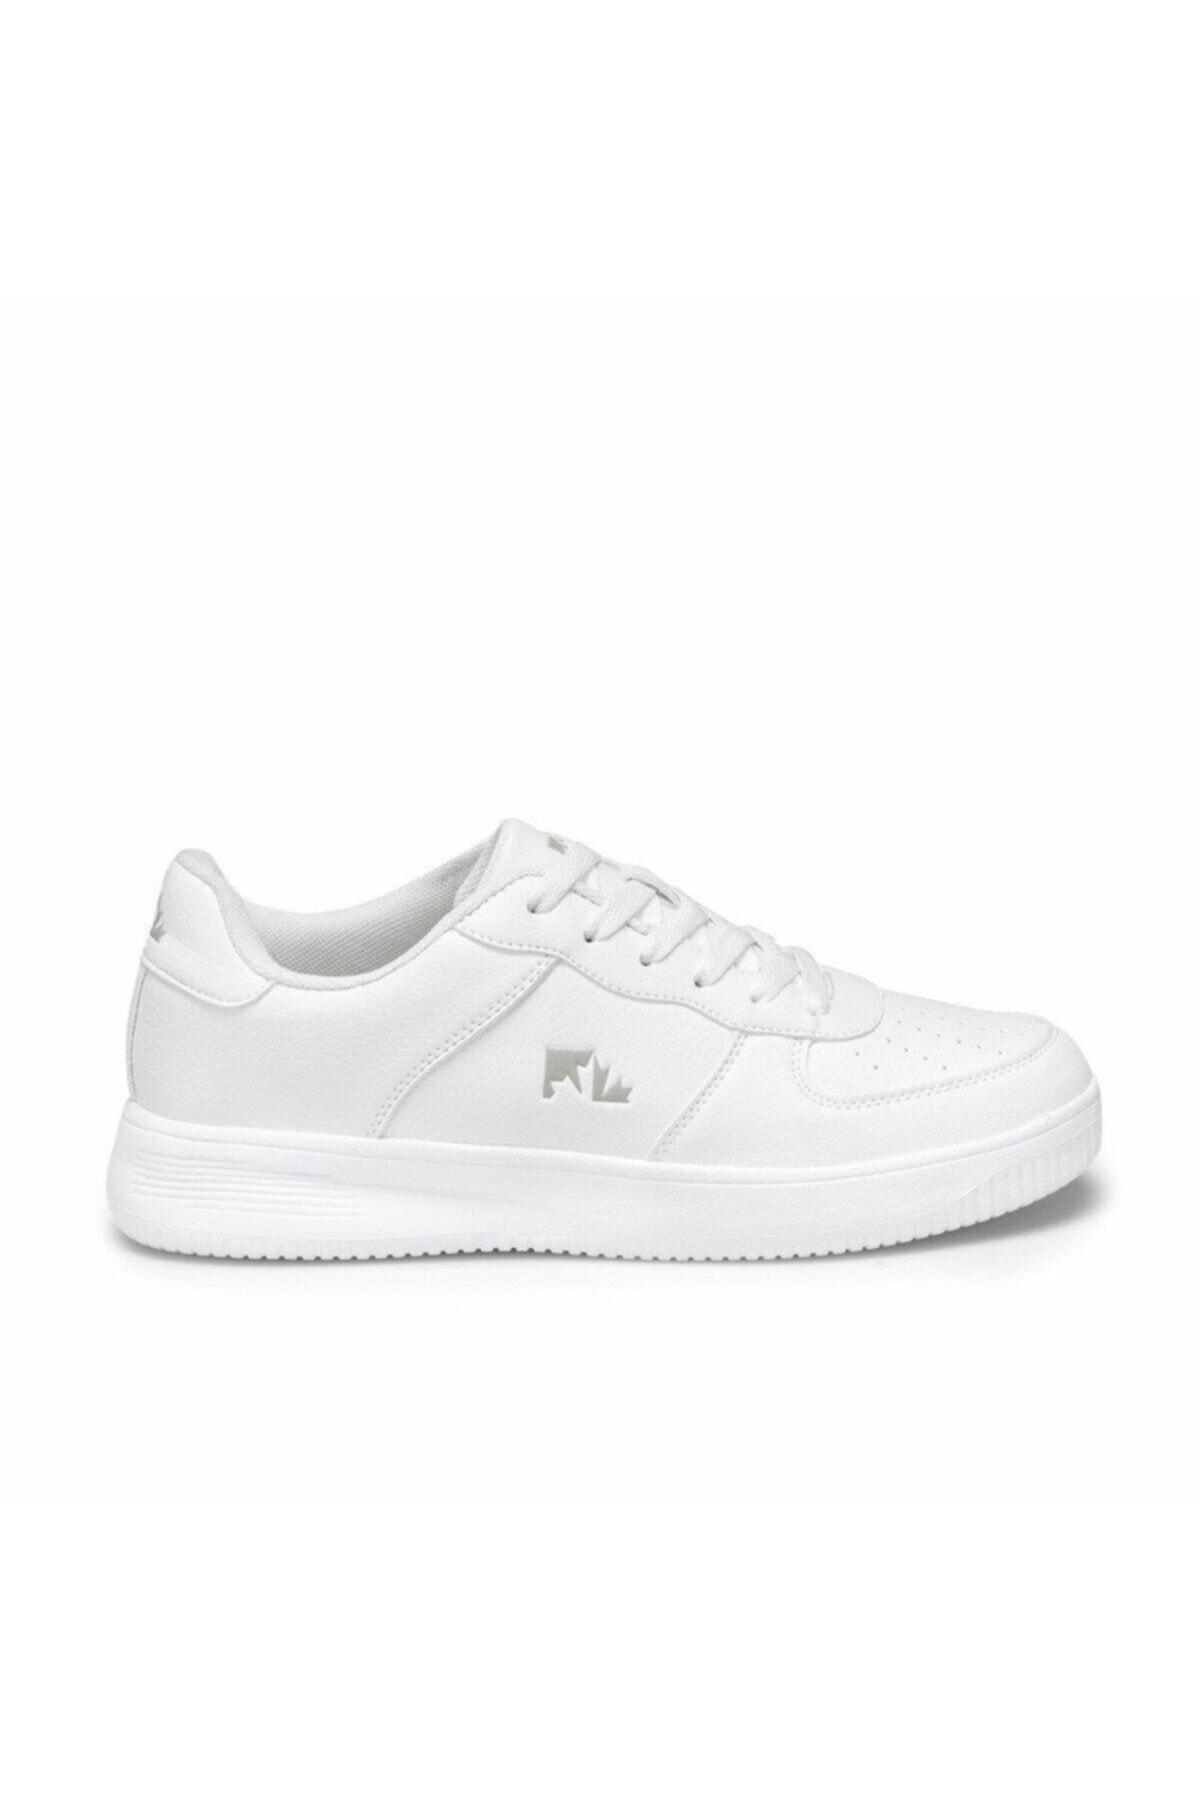 lumberjack Finster Beyaz Erkek Sneaker Ayakkabı 100323008 2